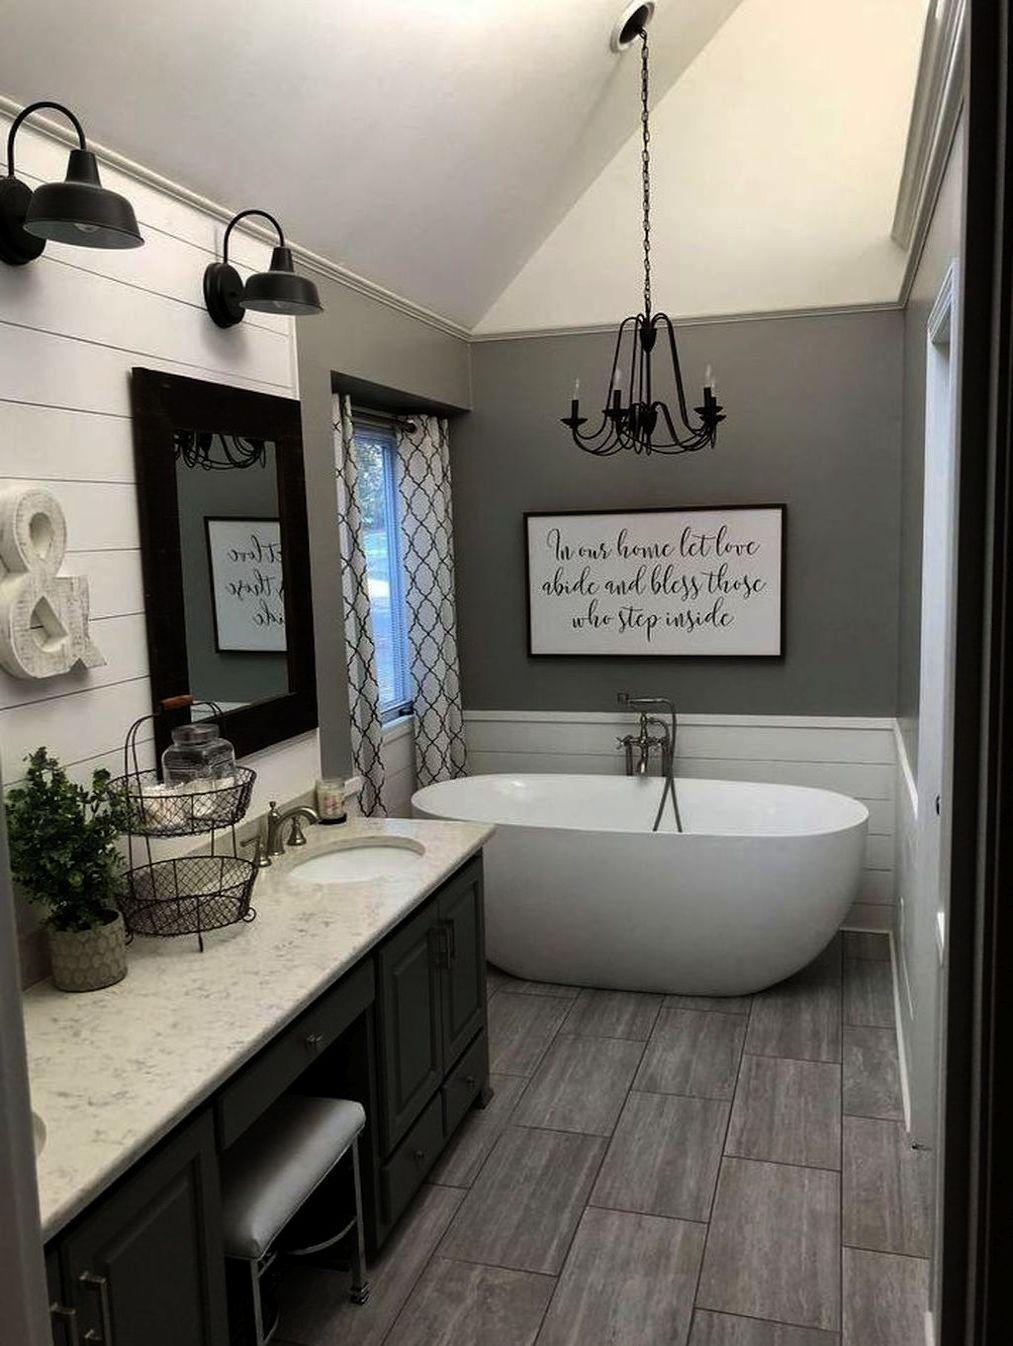 Country Bathroom Wall Decor Ideas